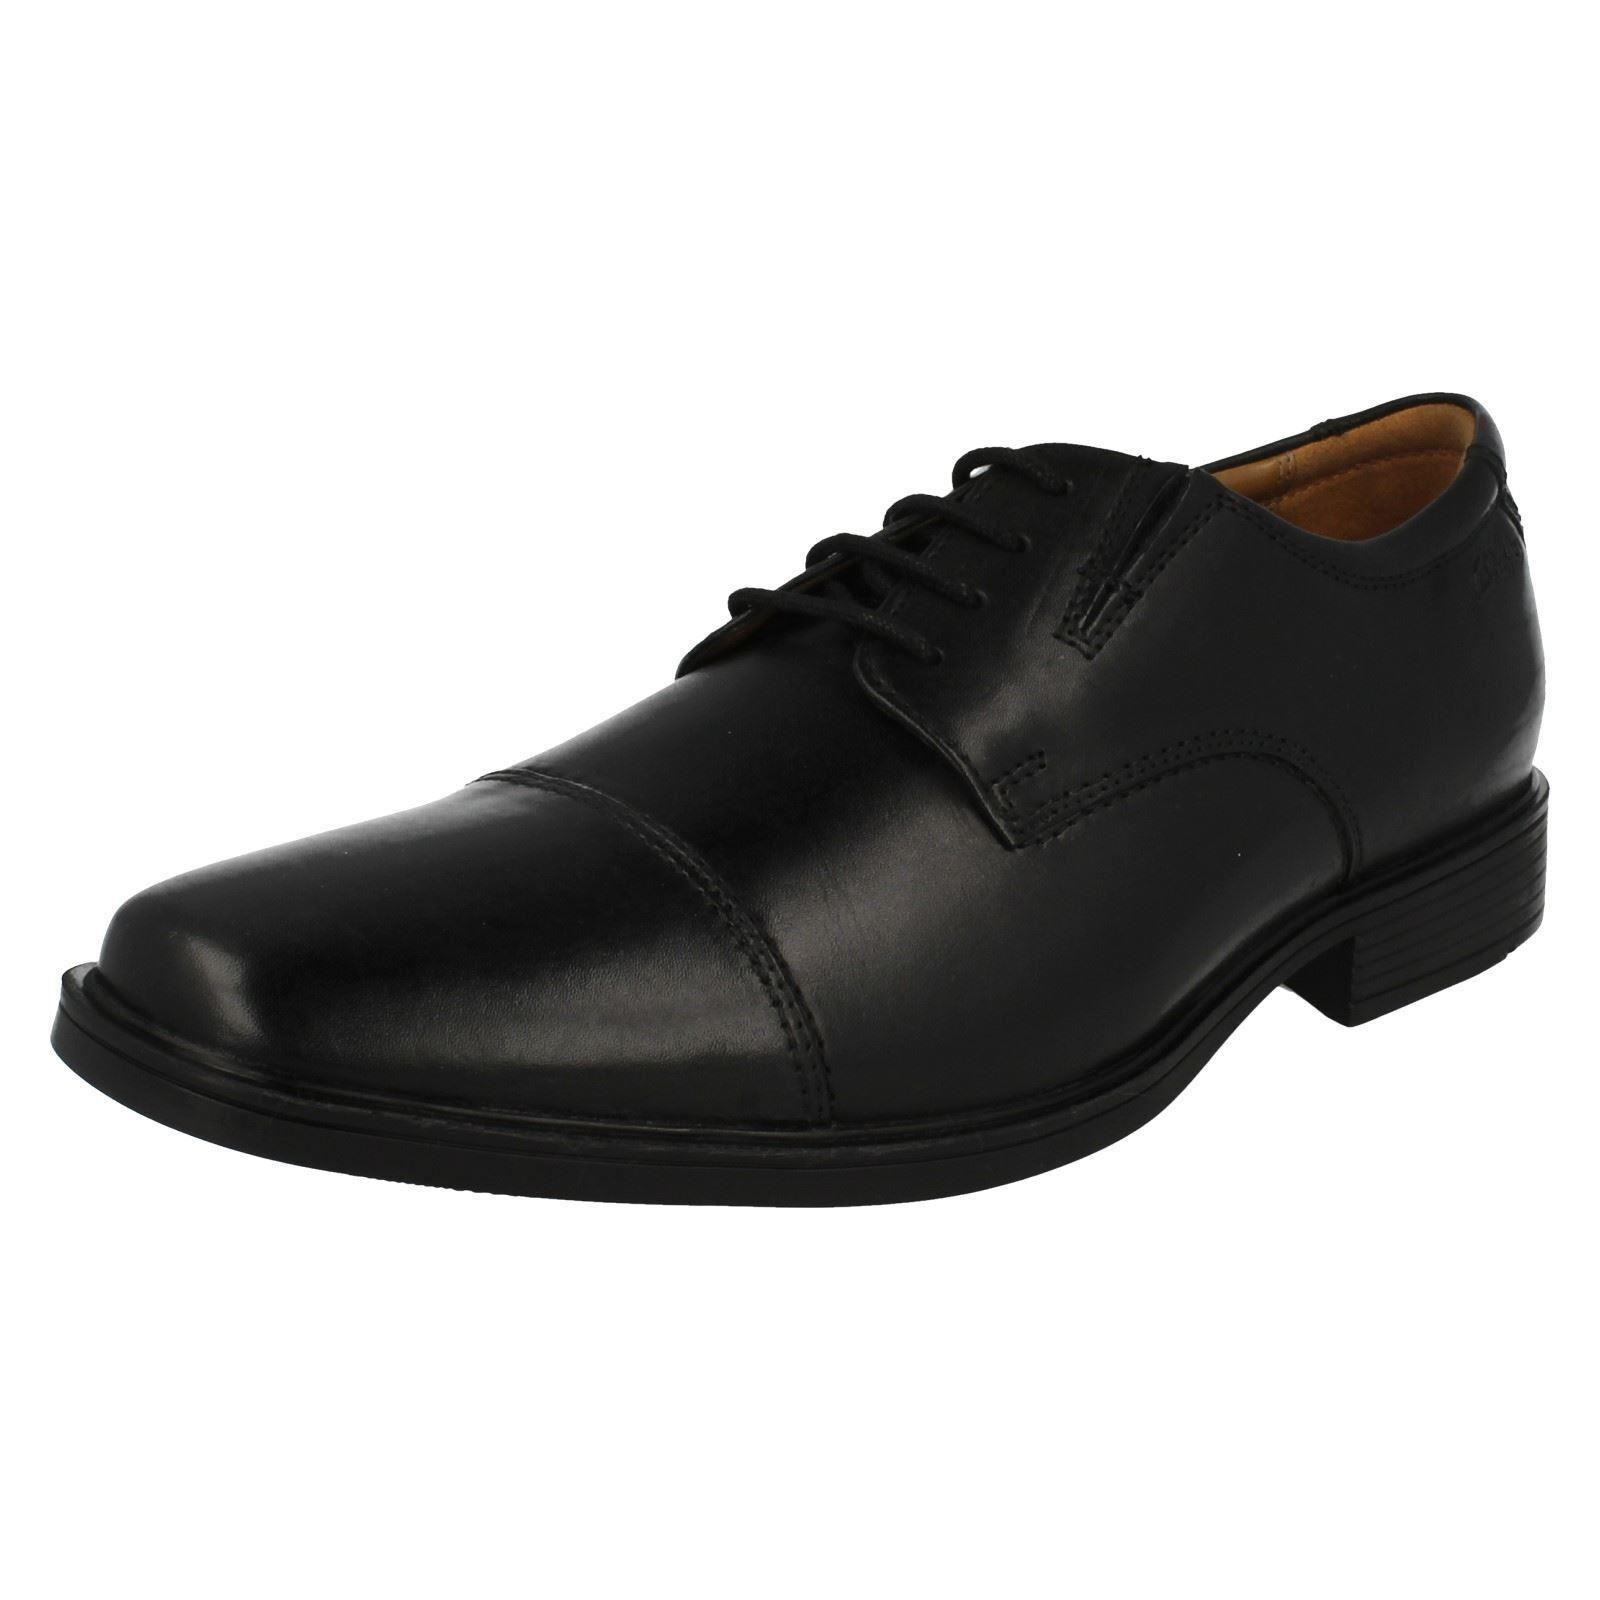 Clarks Mens Tilden Cap Mens Black Leather Shoes G Fit (R19A)